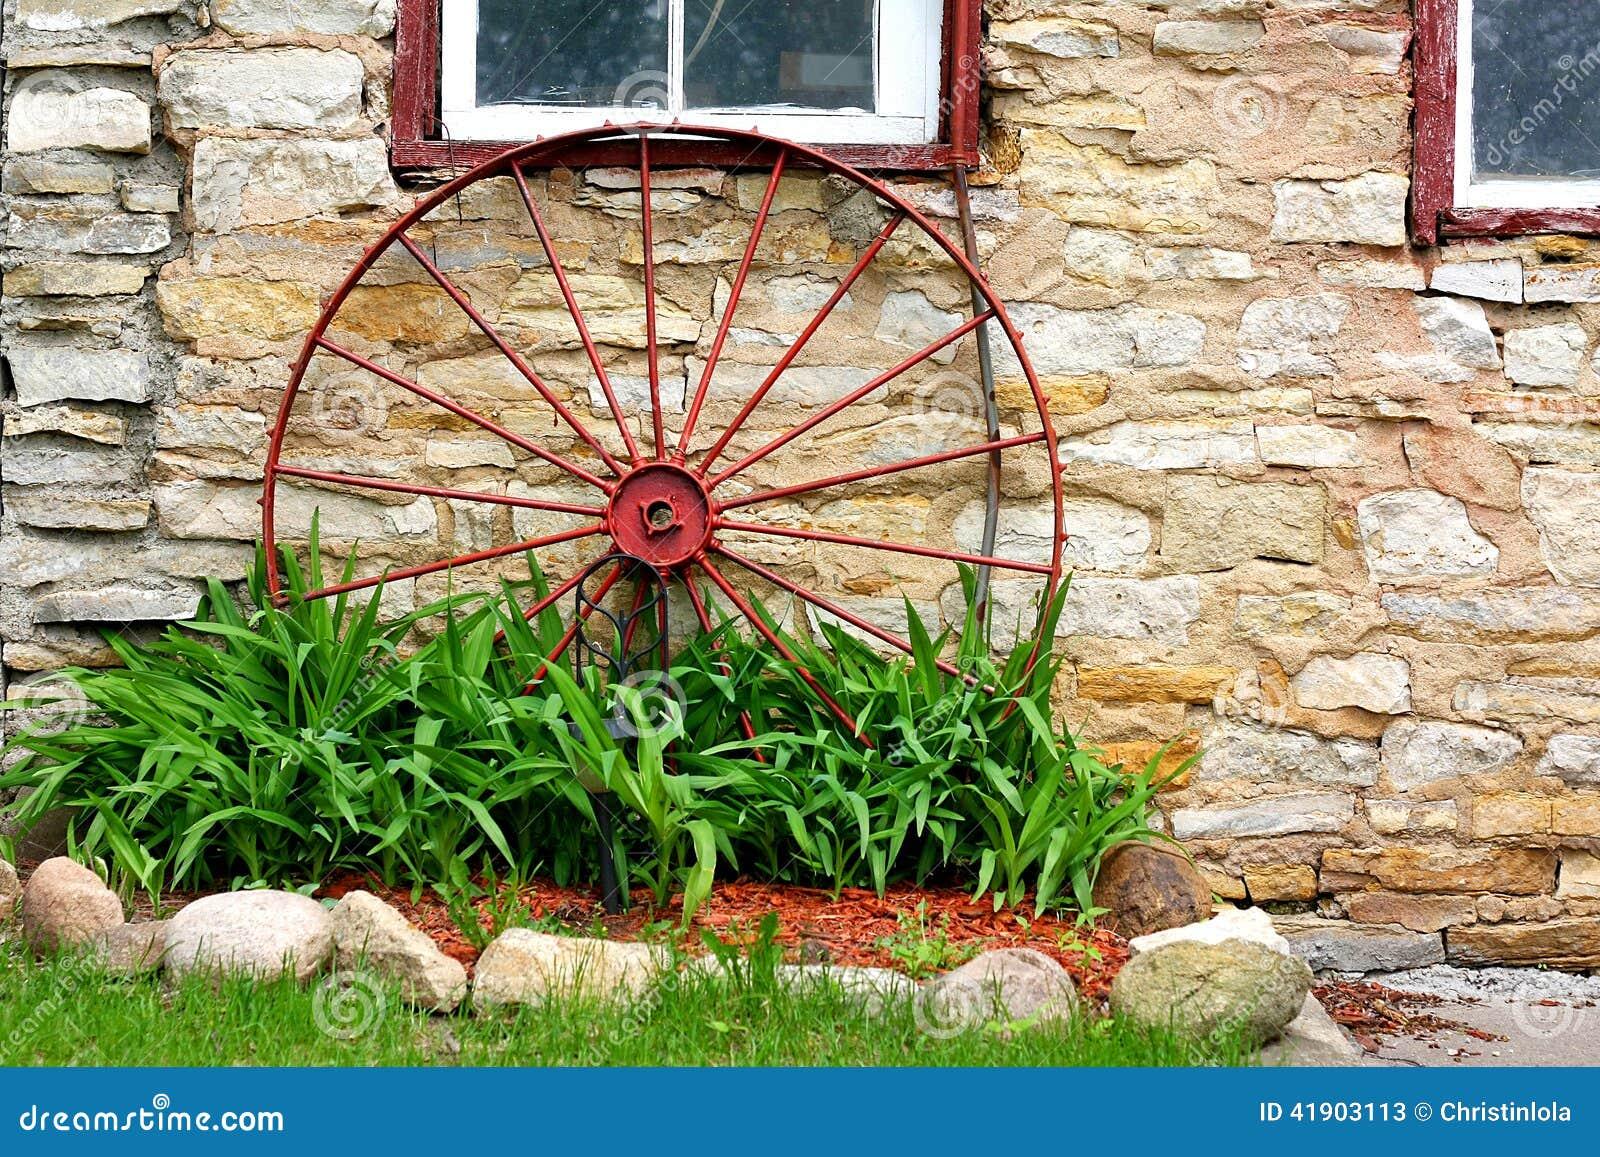 Rueda de carro vieja delante del granero de piedra